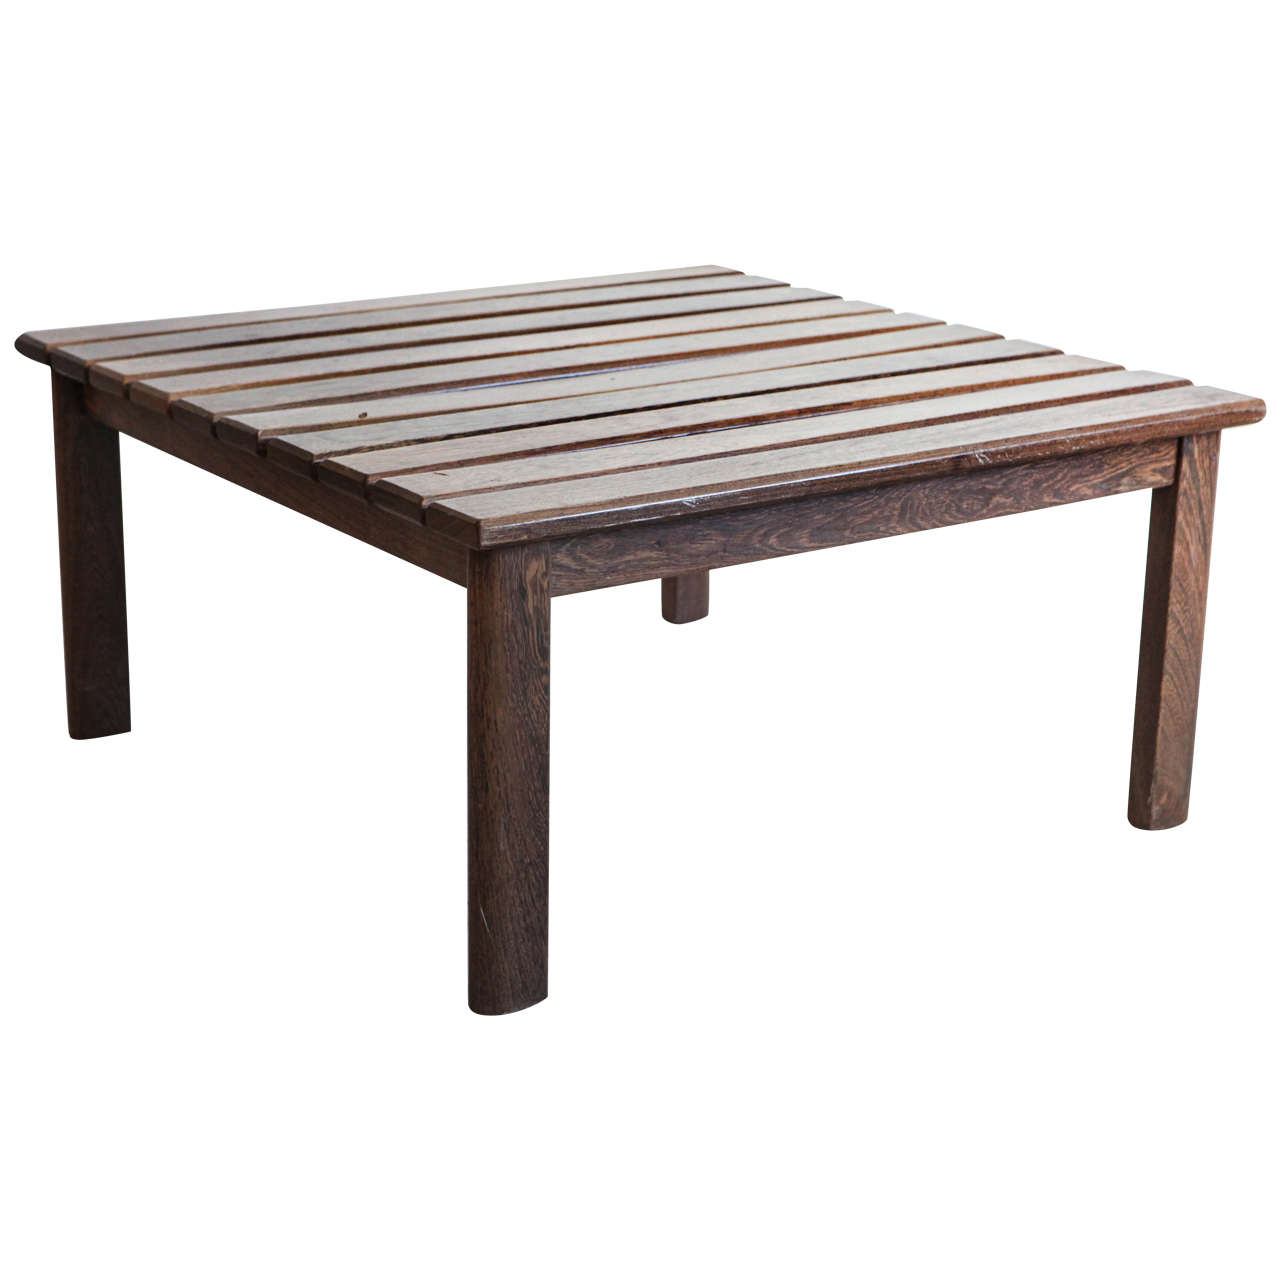 Slatted Coffee Table Slatted Teak Square Coffee Table At 1stdibs